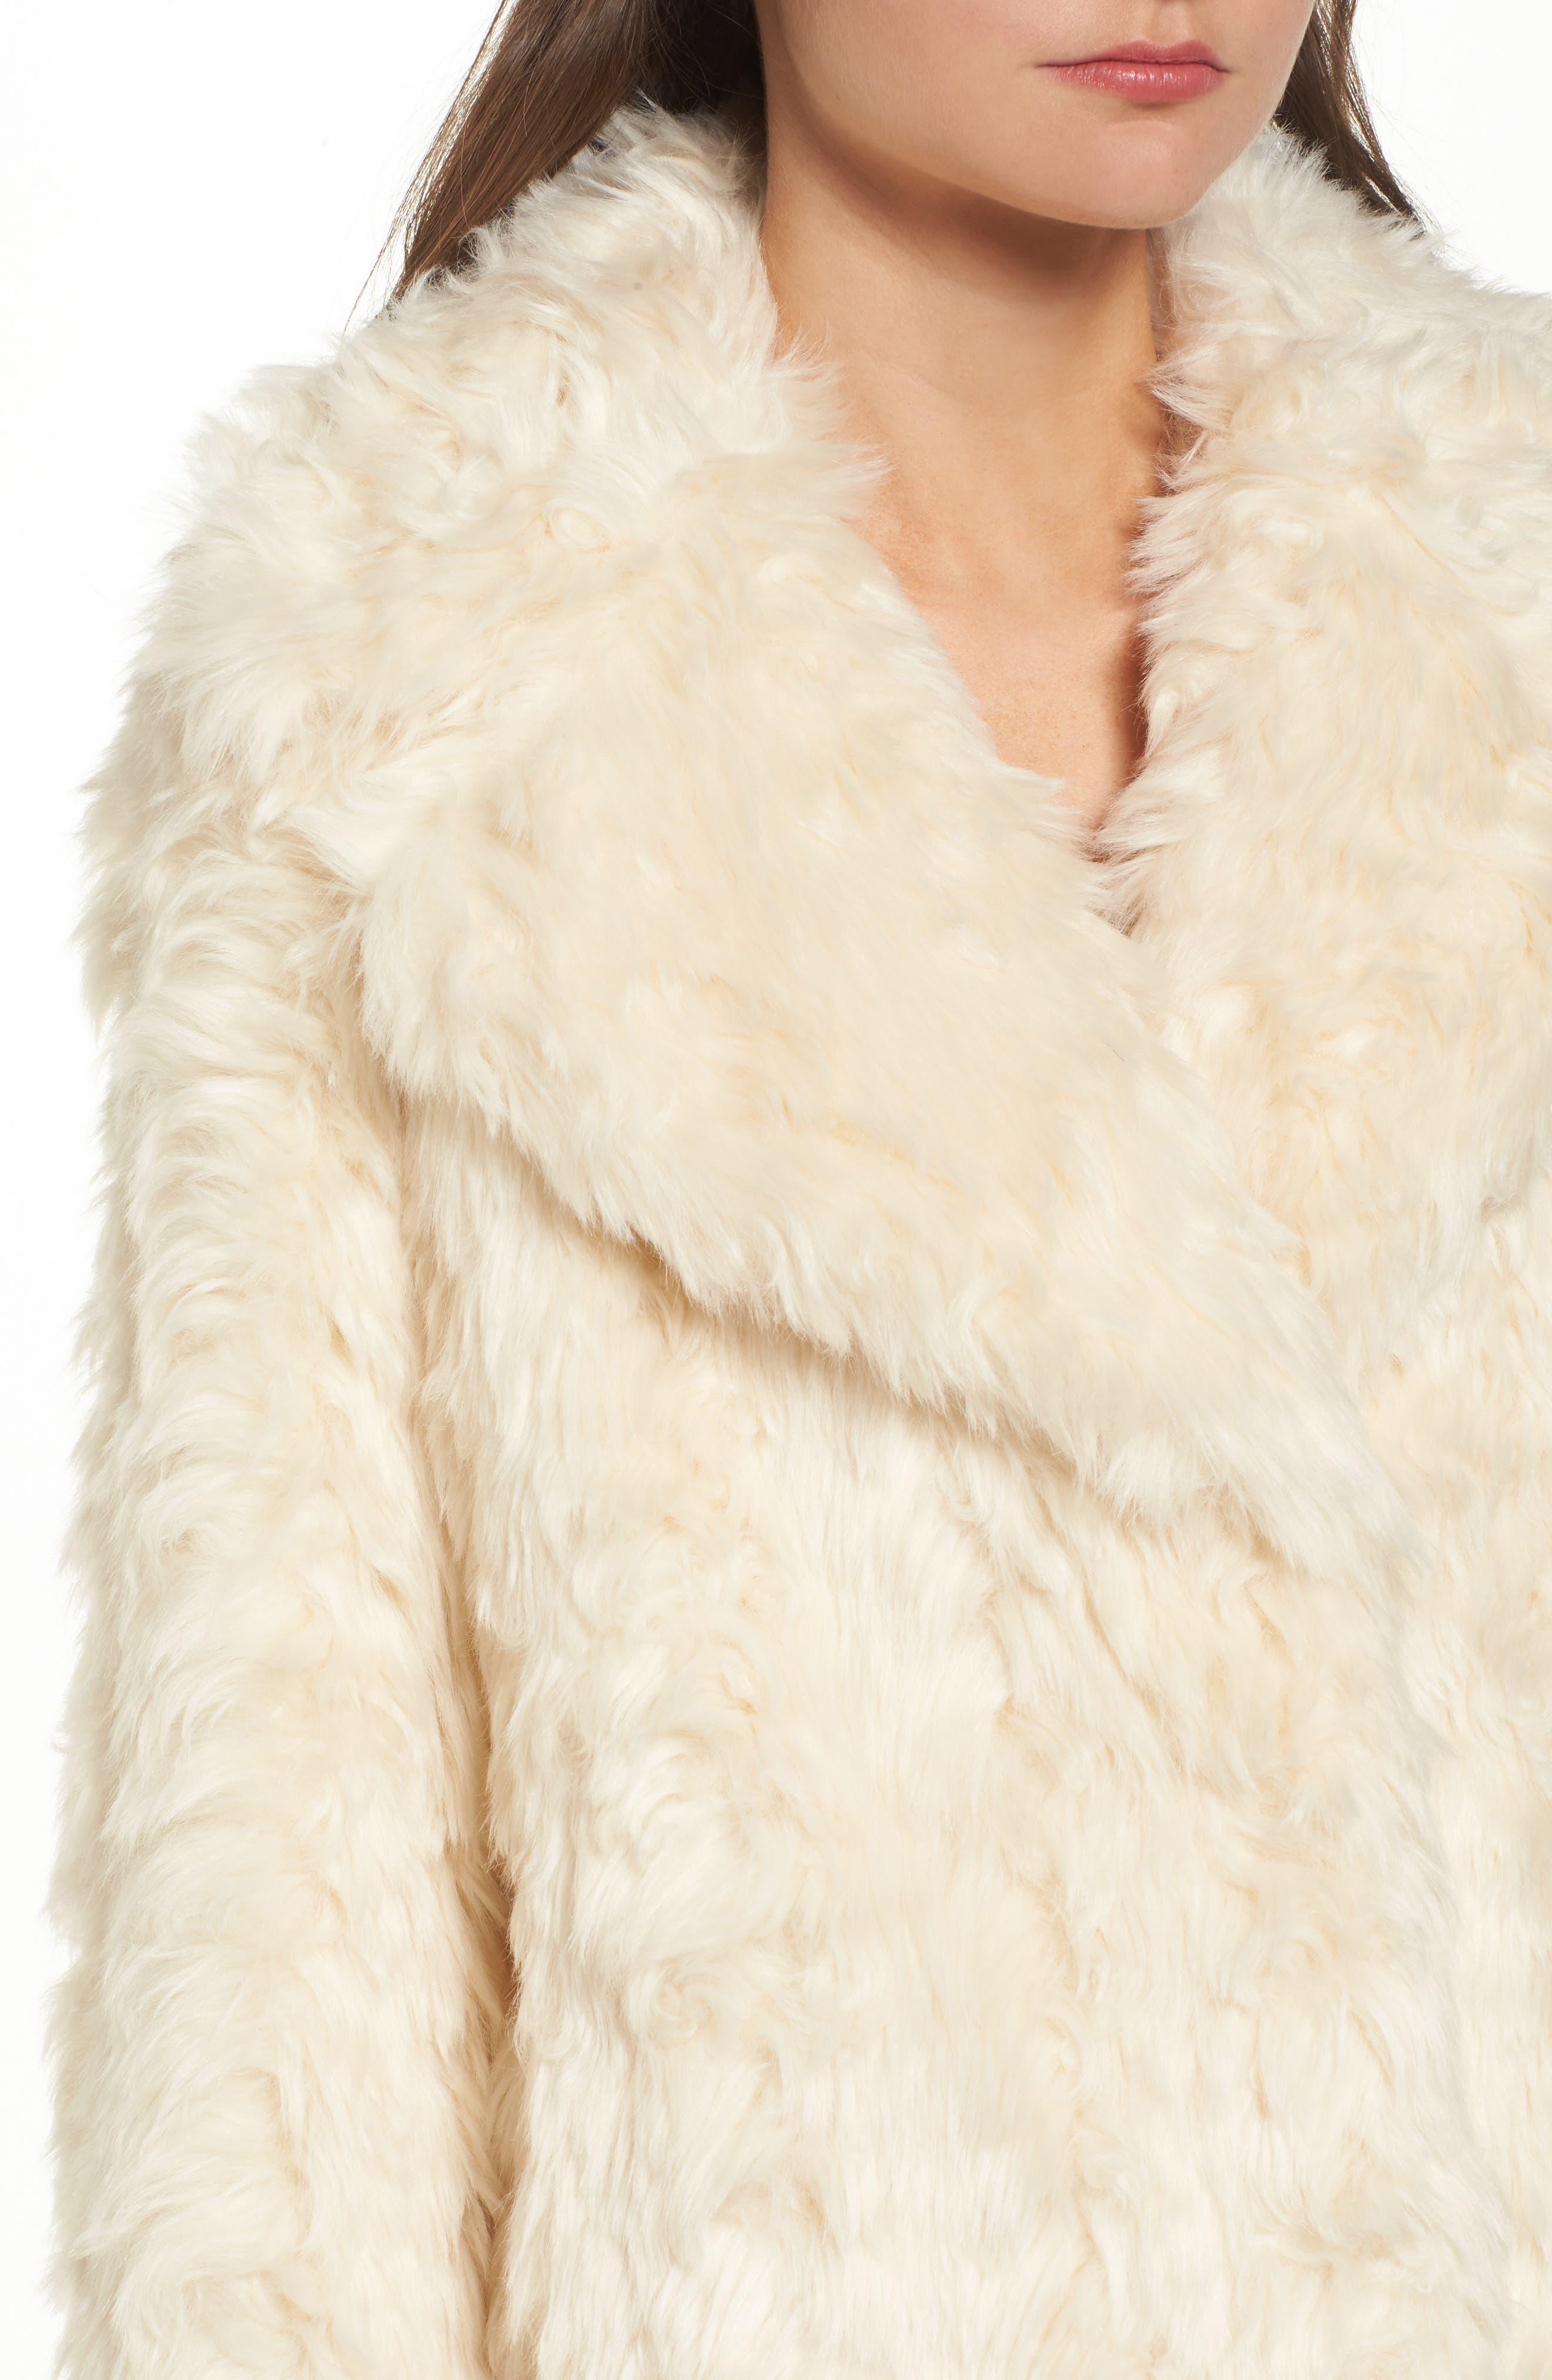 Curly Faux Fur Coat,                             Alternate thumbnail 4, color,                             900